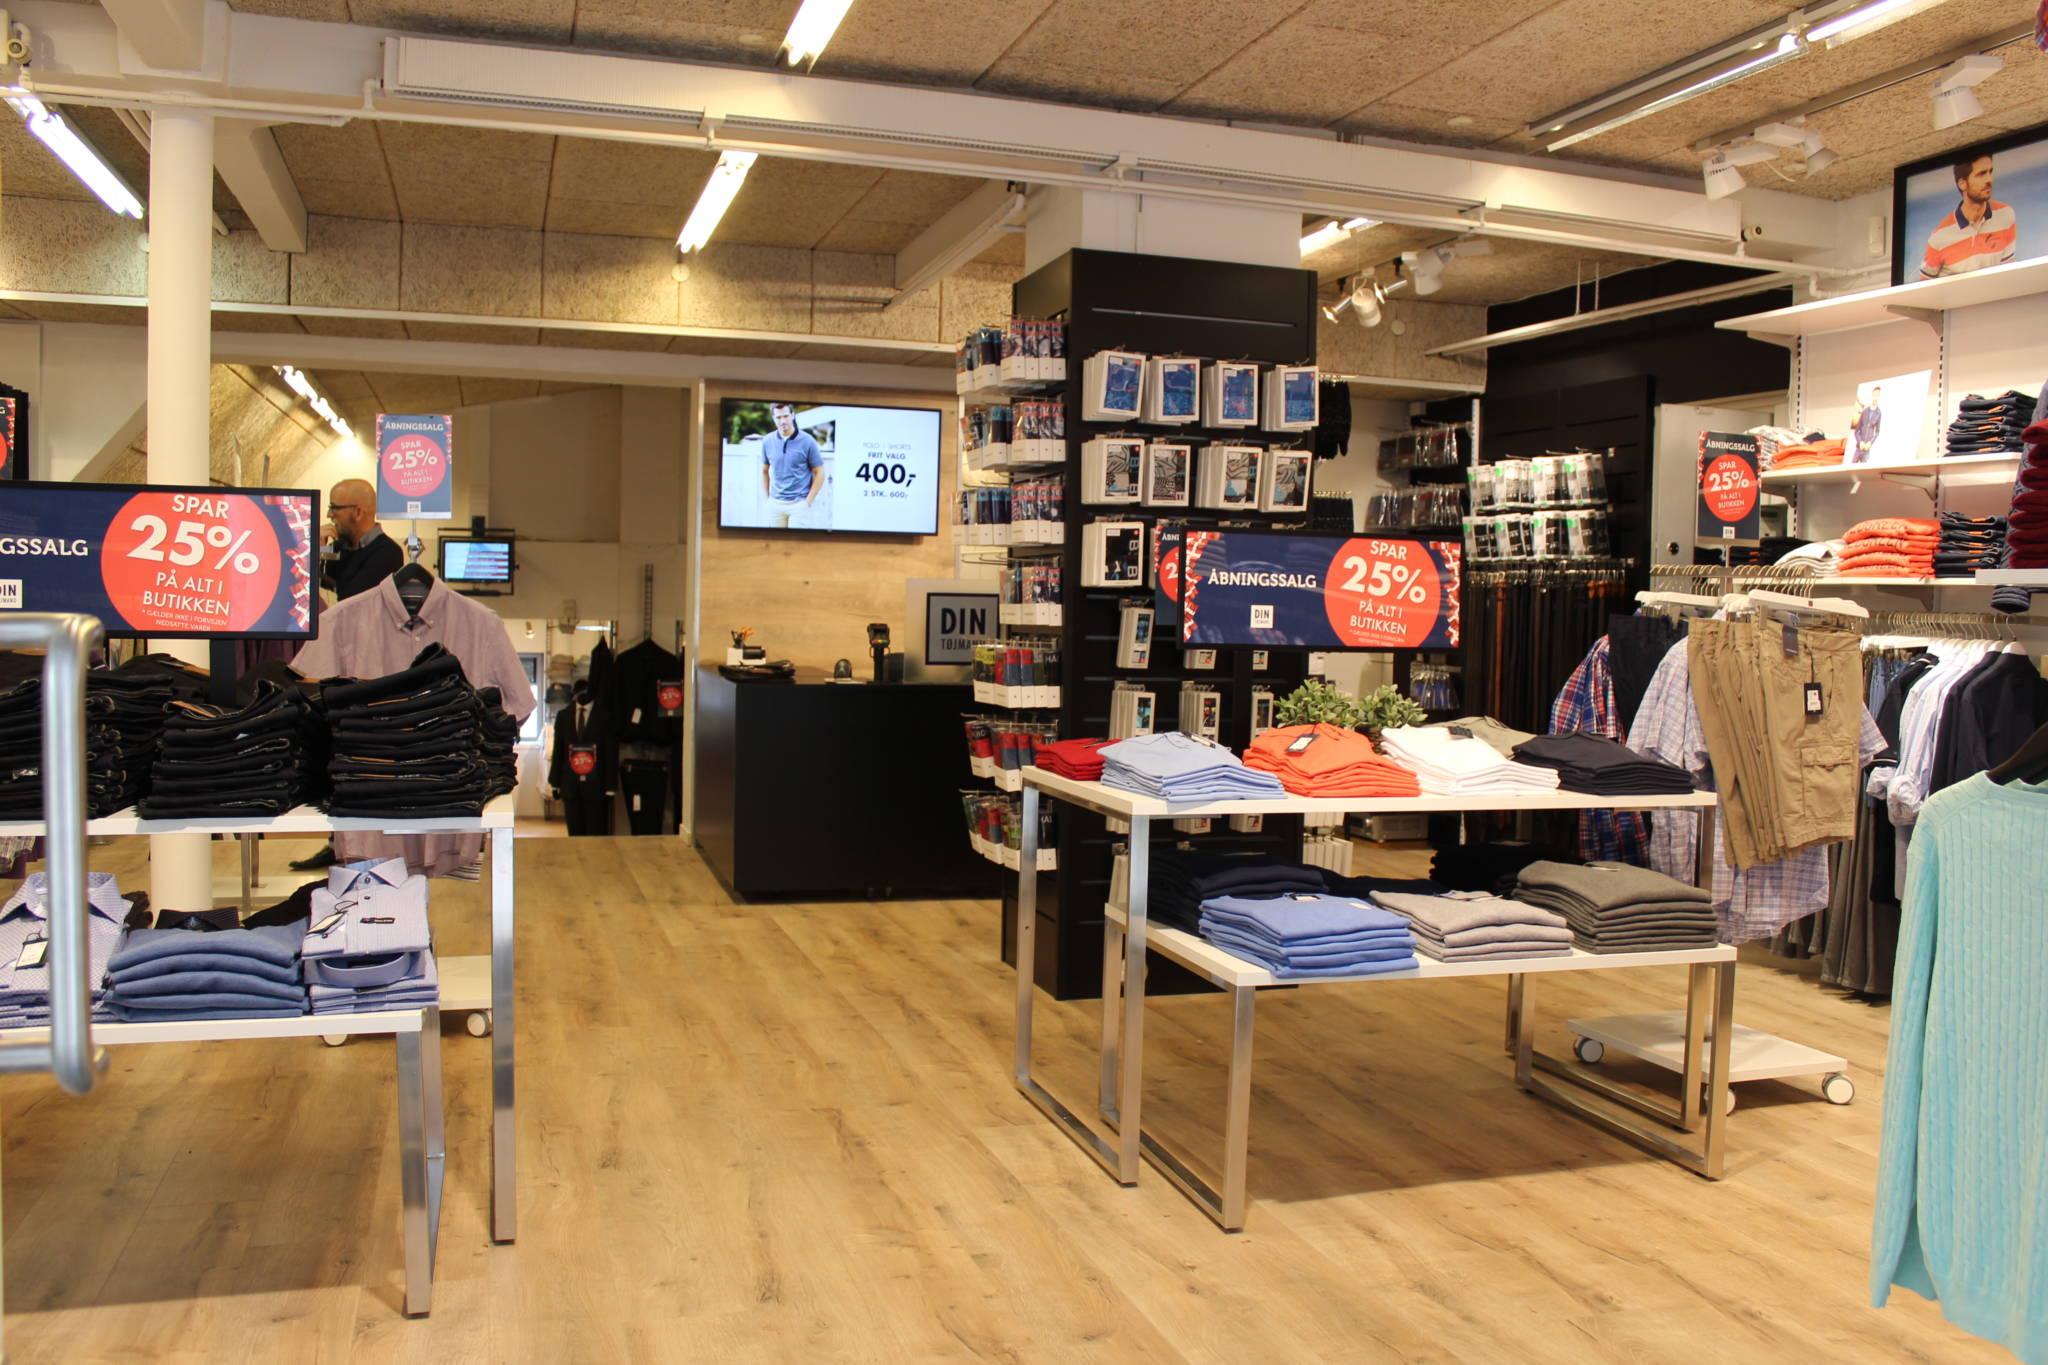 Butiksindretning til herrebutik, holdt i stilrent design